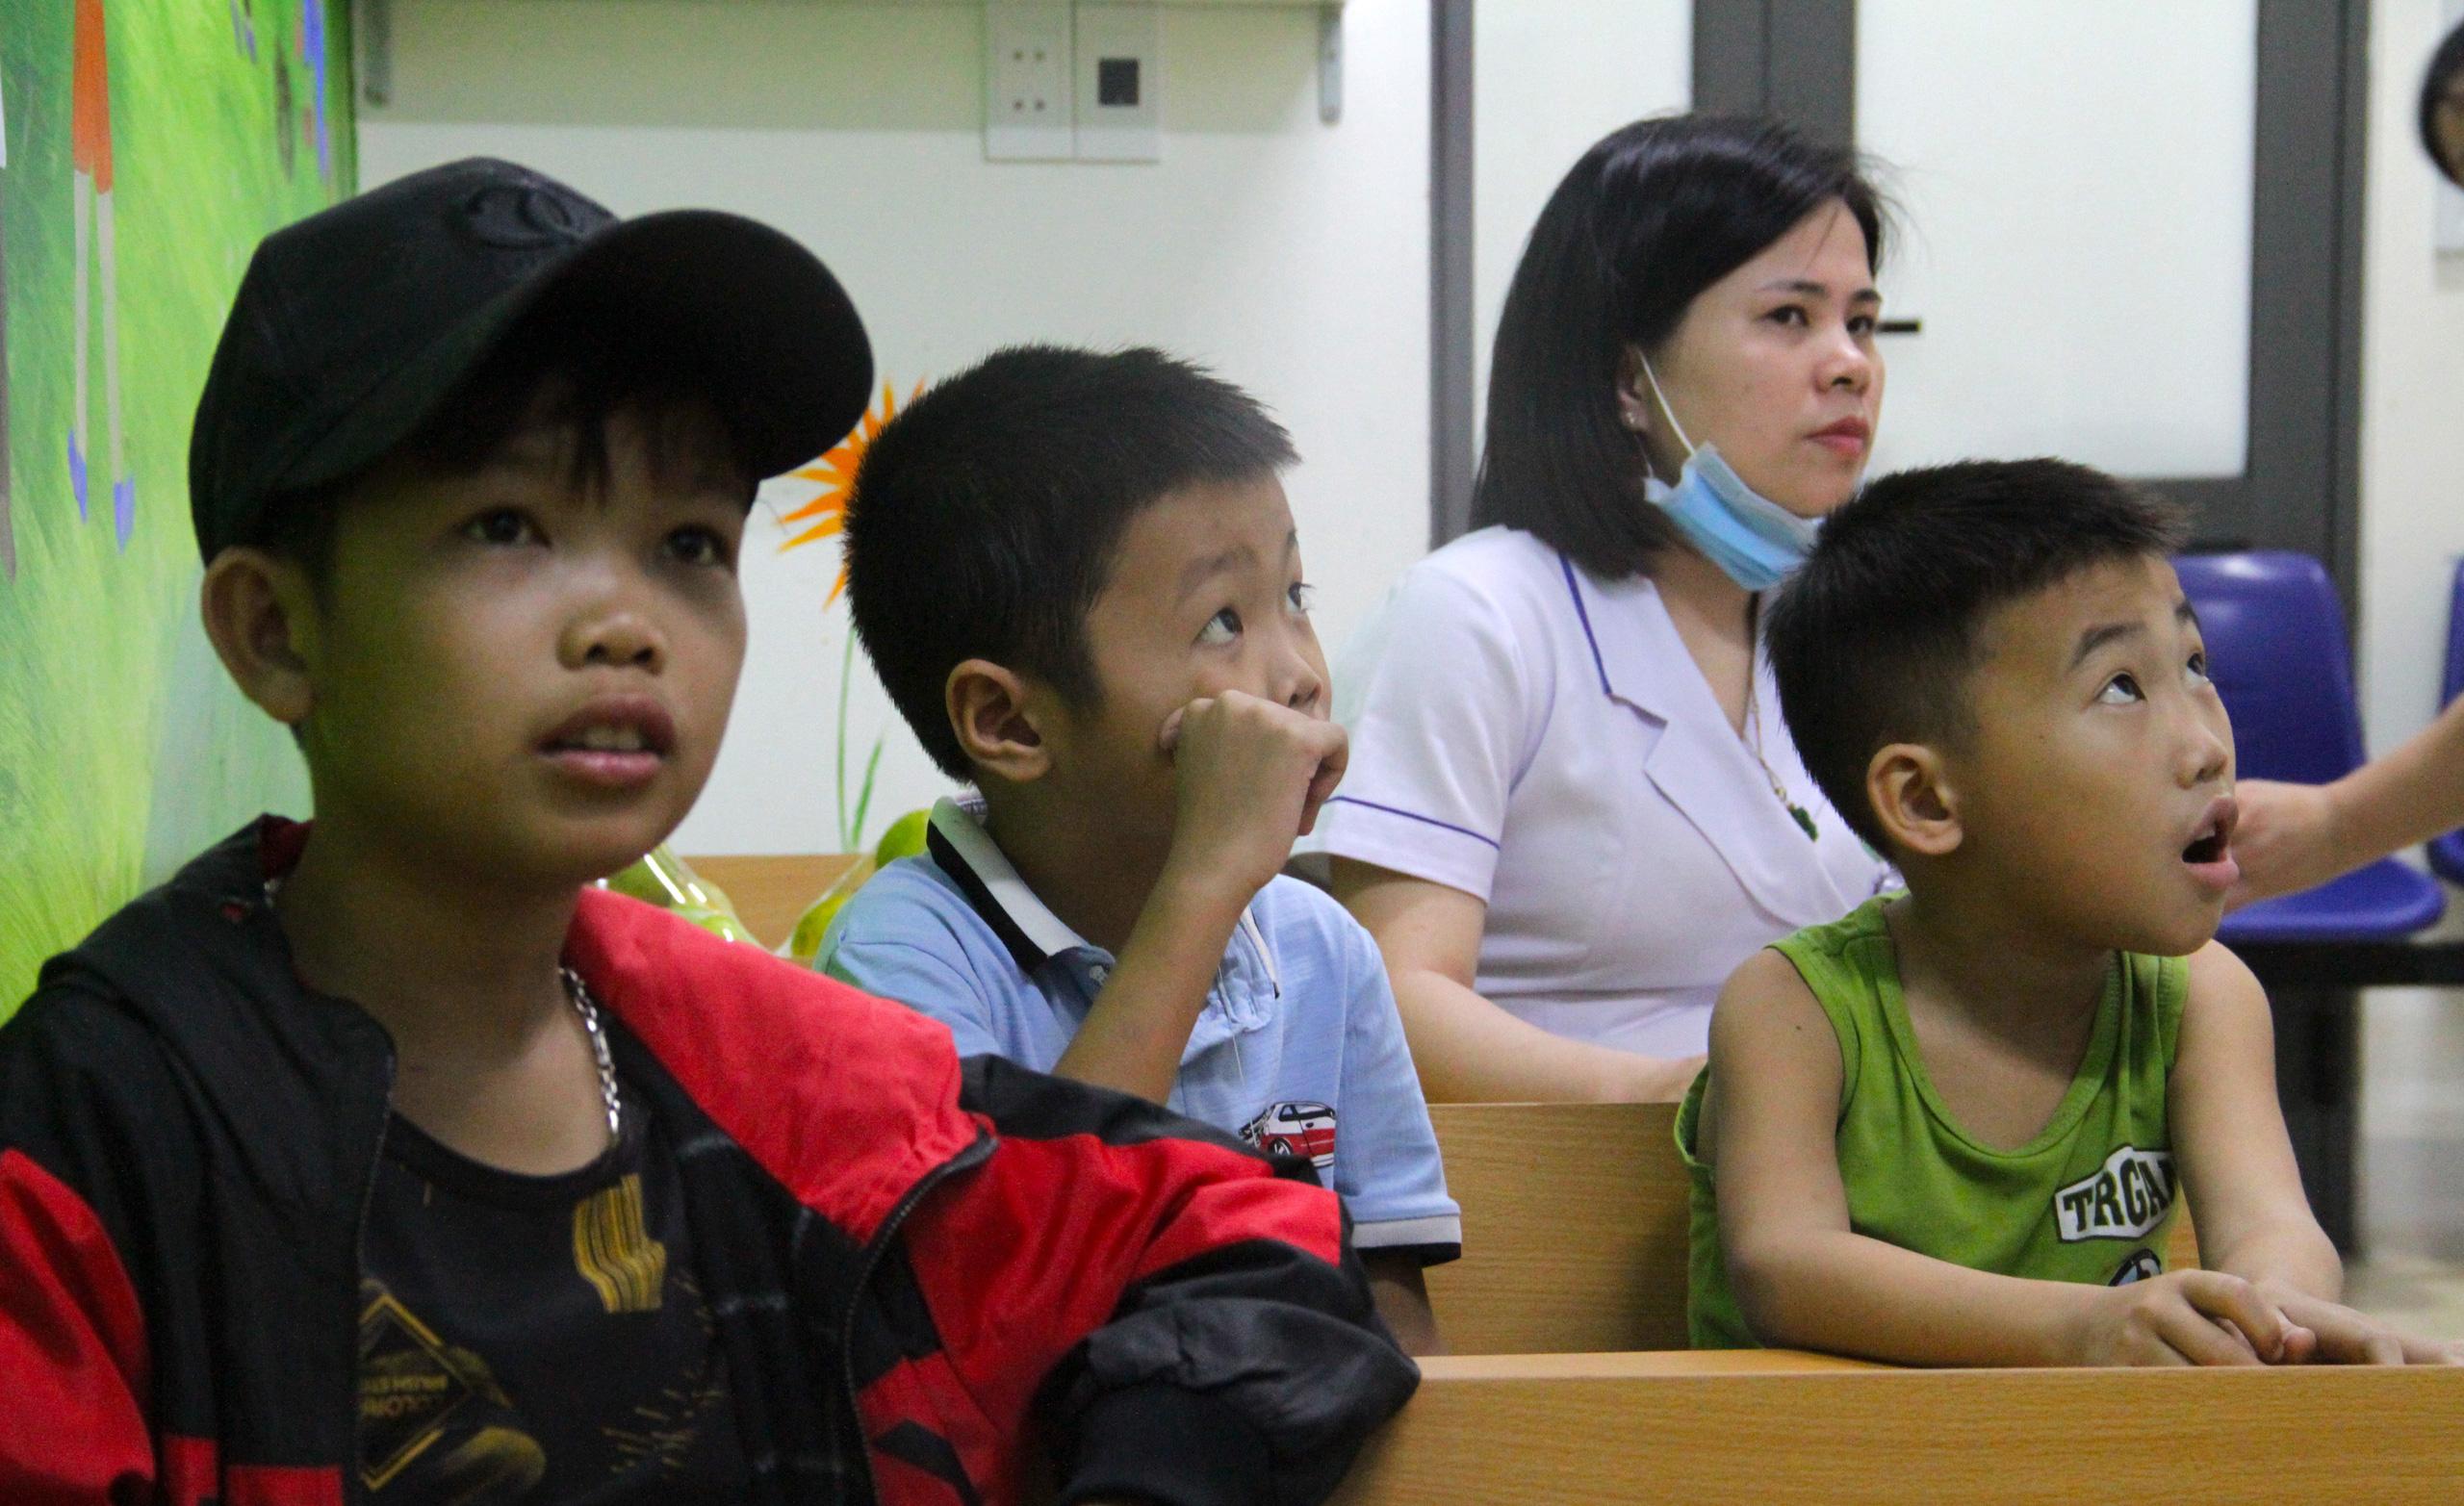 Lớp học đặc biệt trong trung tâm truyền máu, thầy cô là những người khoác áo blouse trắng - Ảnh 11.